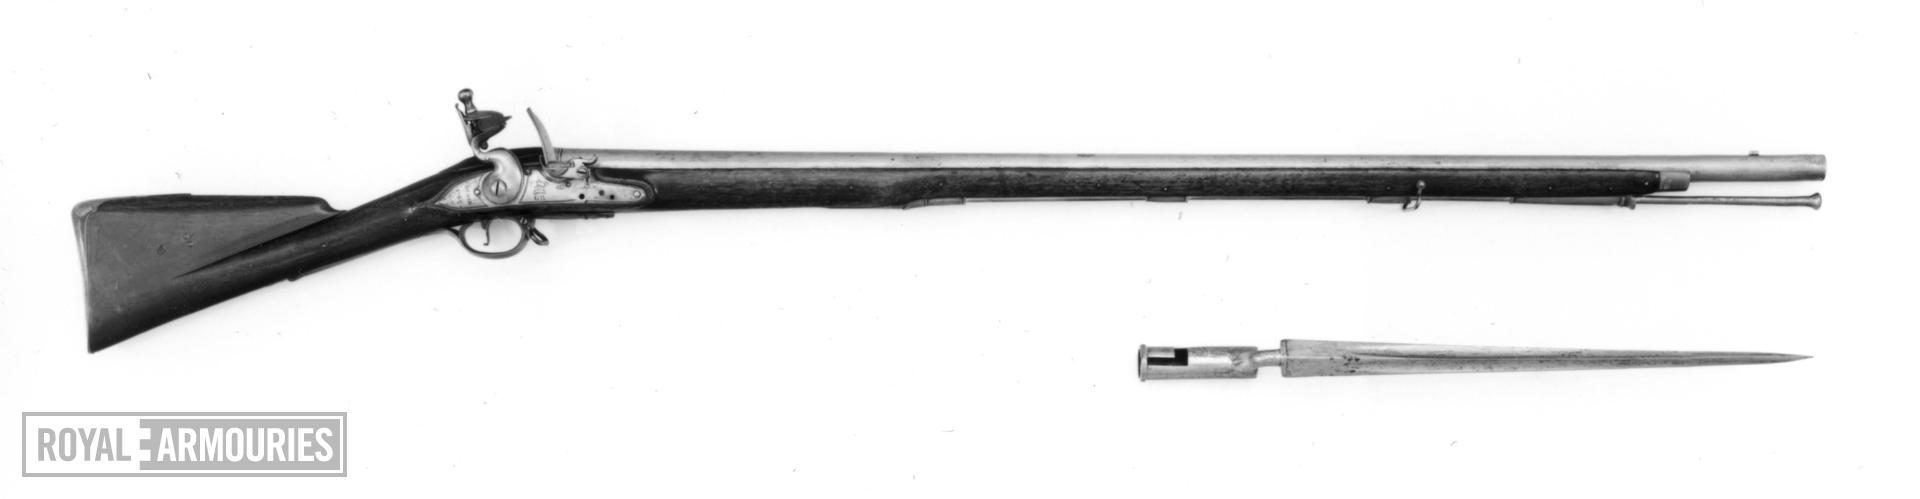 Flintlock muzzle-loading musket - Pattern 1759 Militia New Musket, pattern sample Pattern weapon but not sealed By Farmer